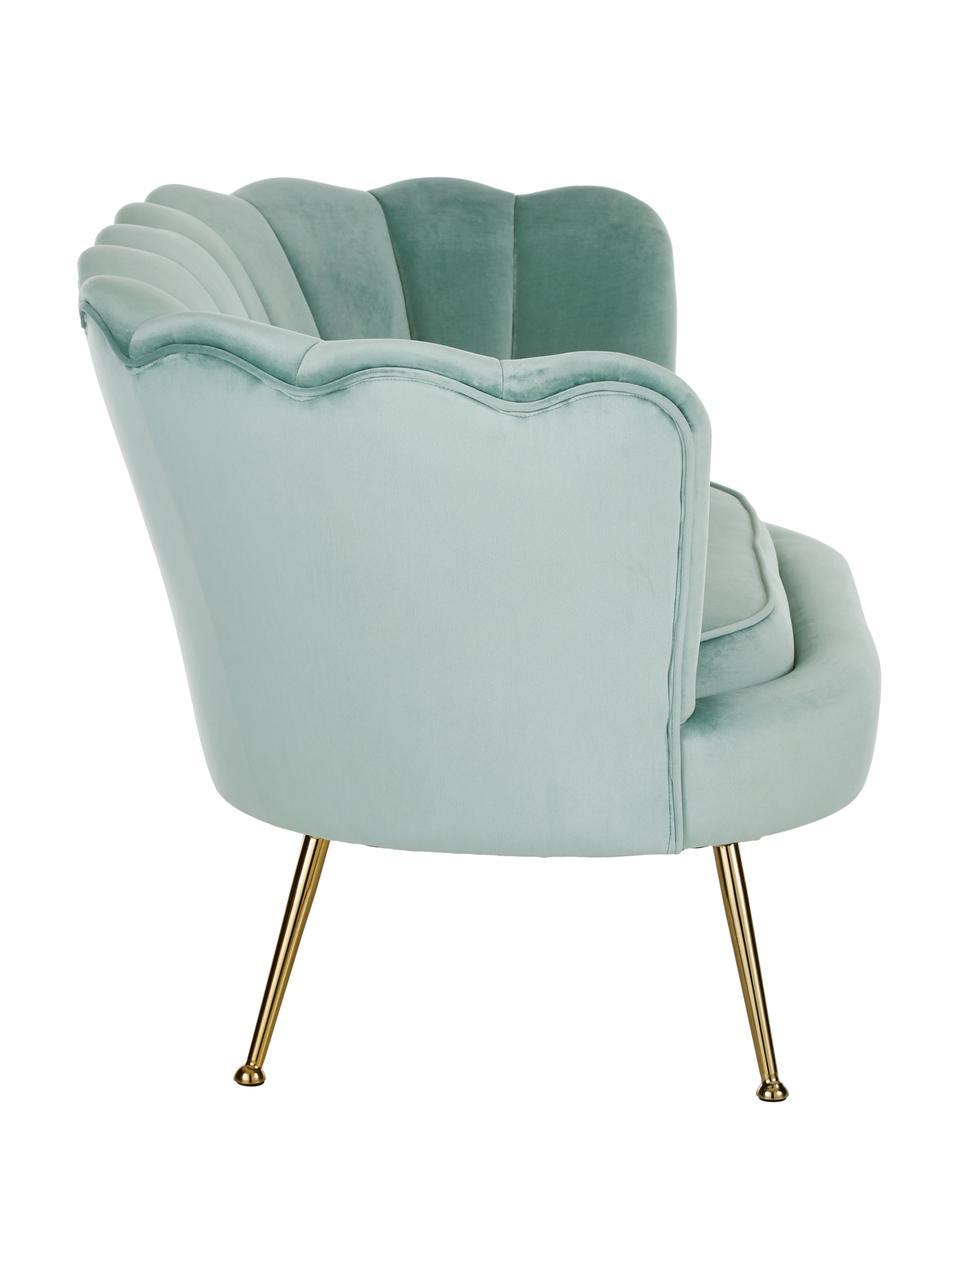 Sofa z aksamitu z metalowymi nogami Oyster (2-osobowa), Tapicerka: aksamit (poliester) 20 00, Nogi: metal galwanizowany, Aksamitny turkusowy, S 131 x G 78 cm